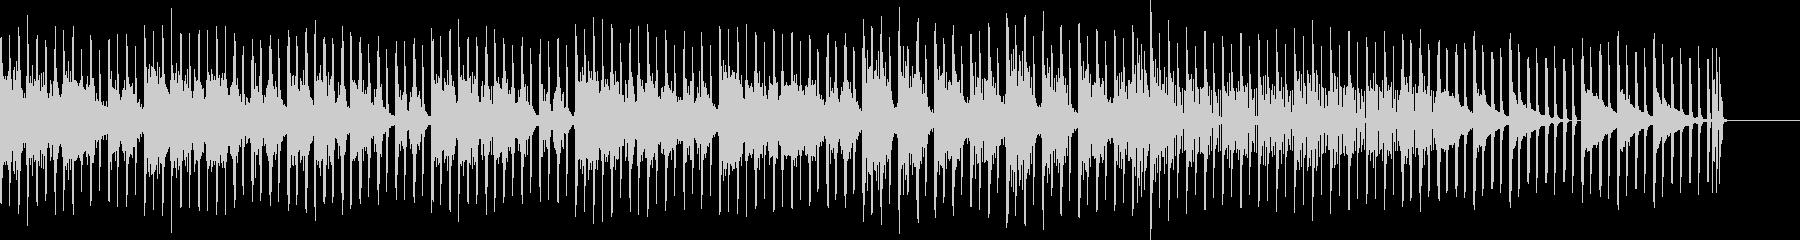 幻想的で特徴的なエレクトロ音が入った曲の未再生の波形